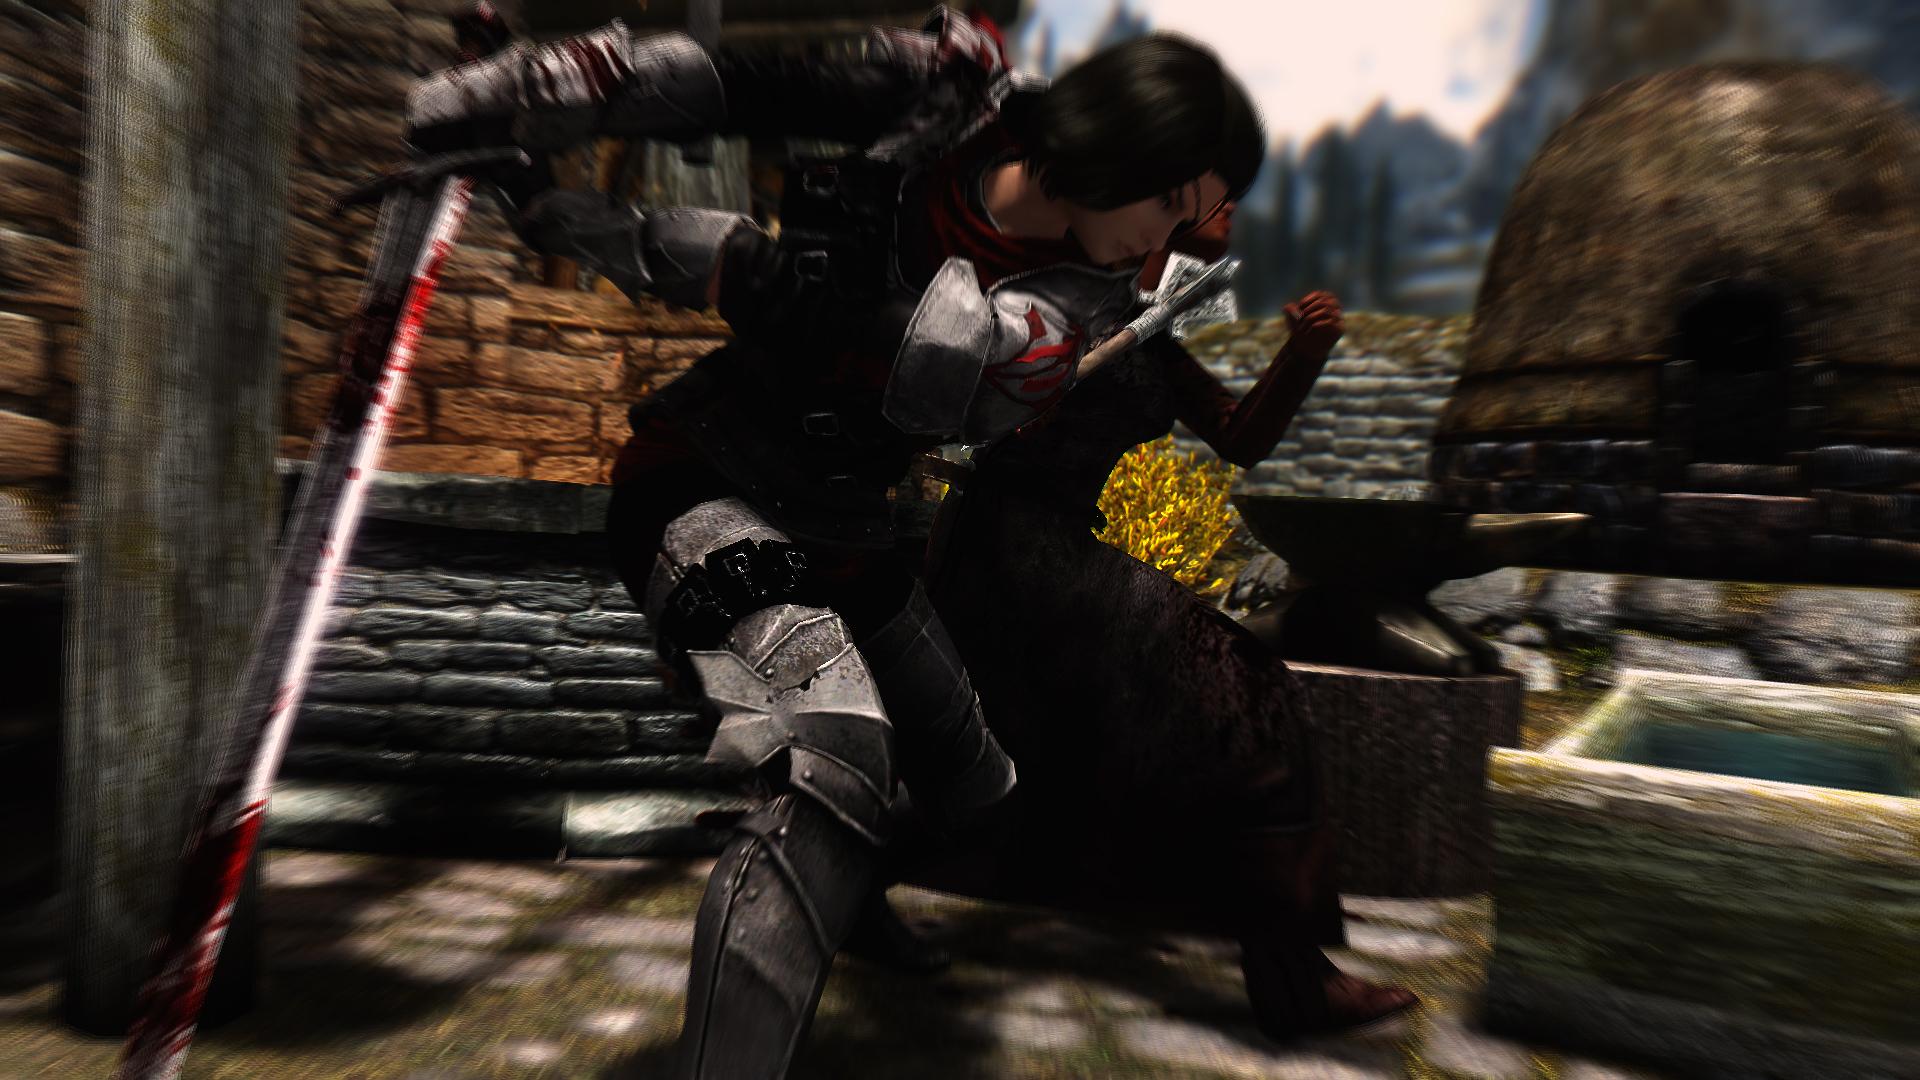 skyrim special edition patch 1.9